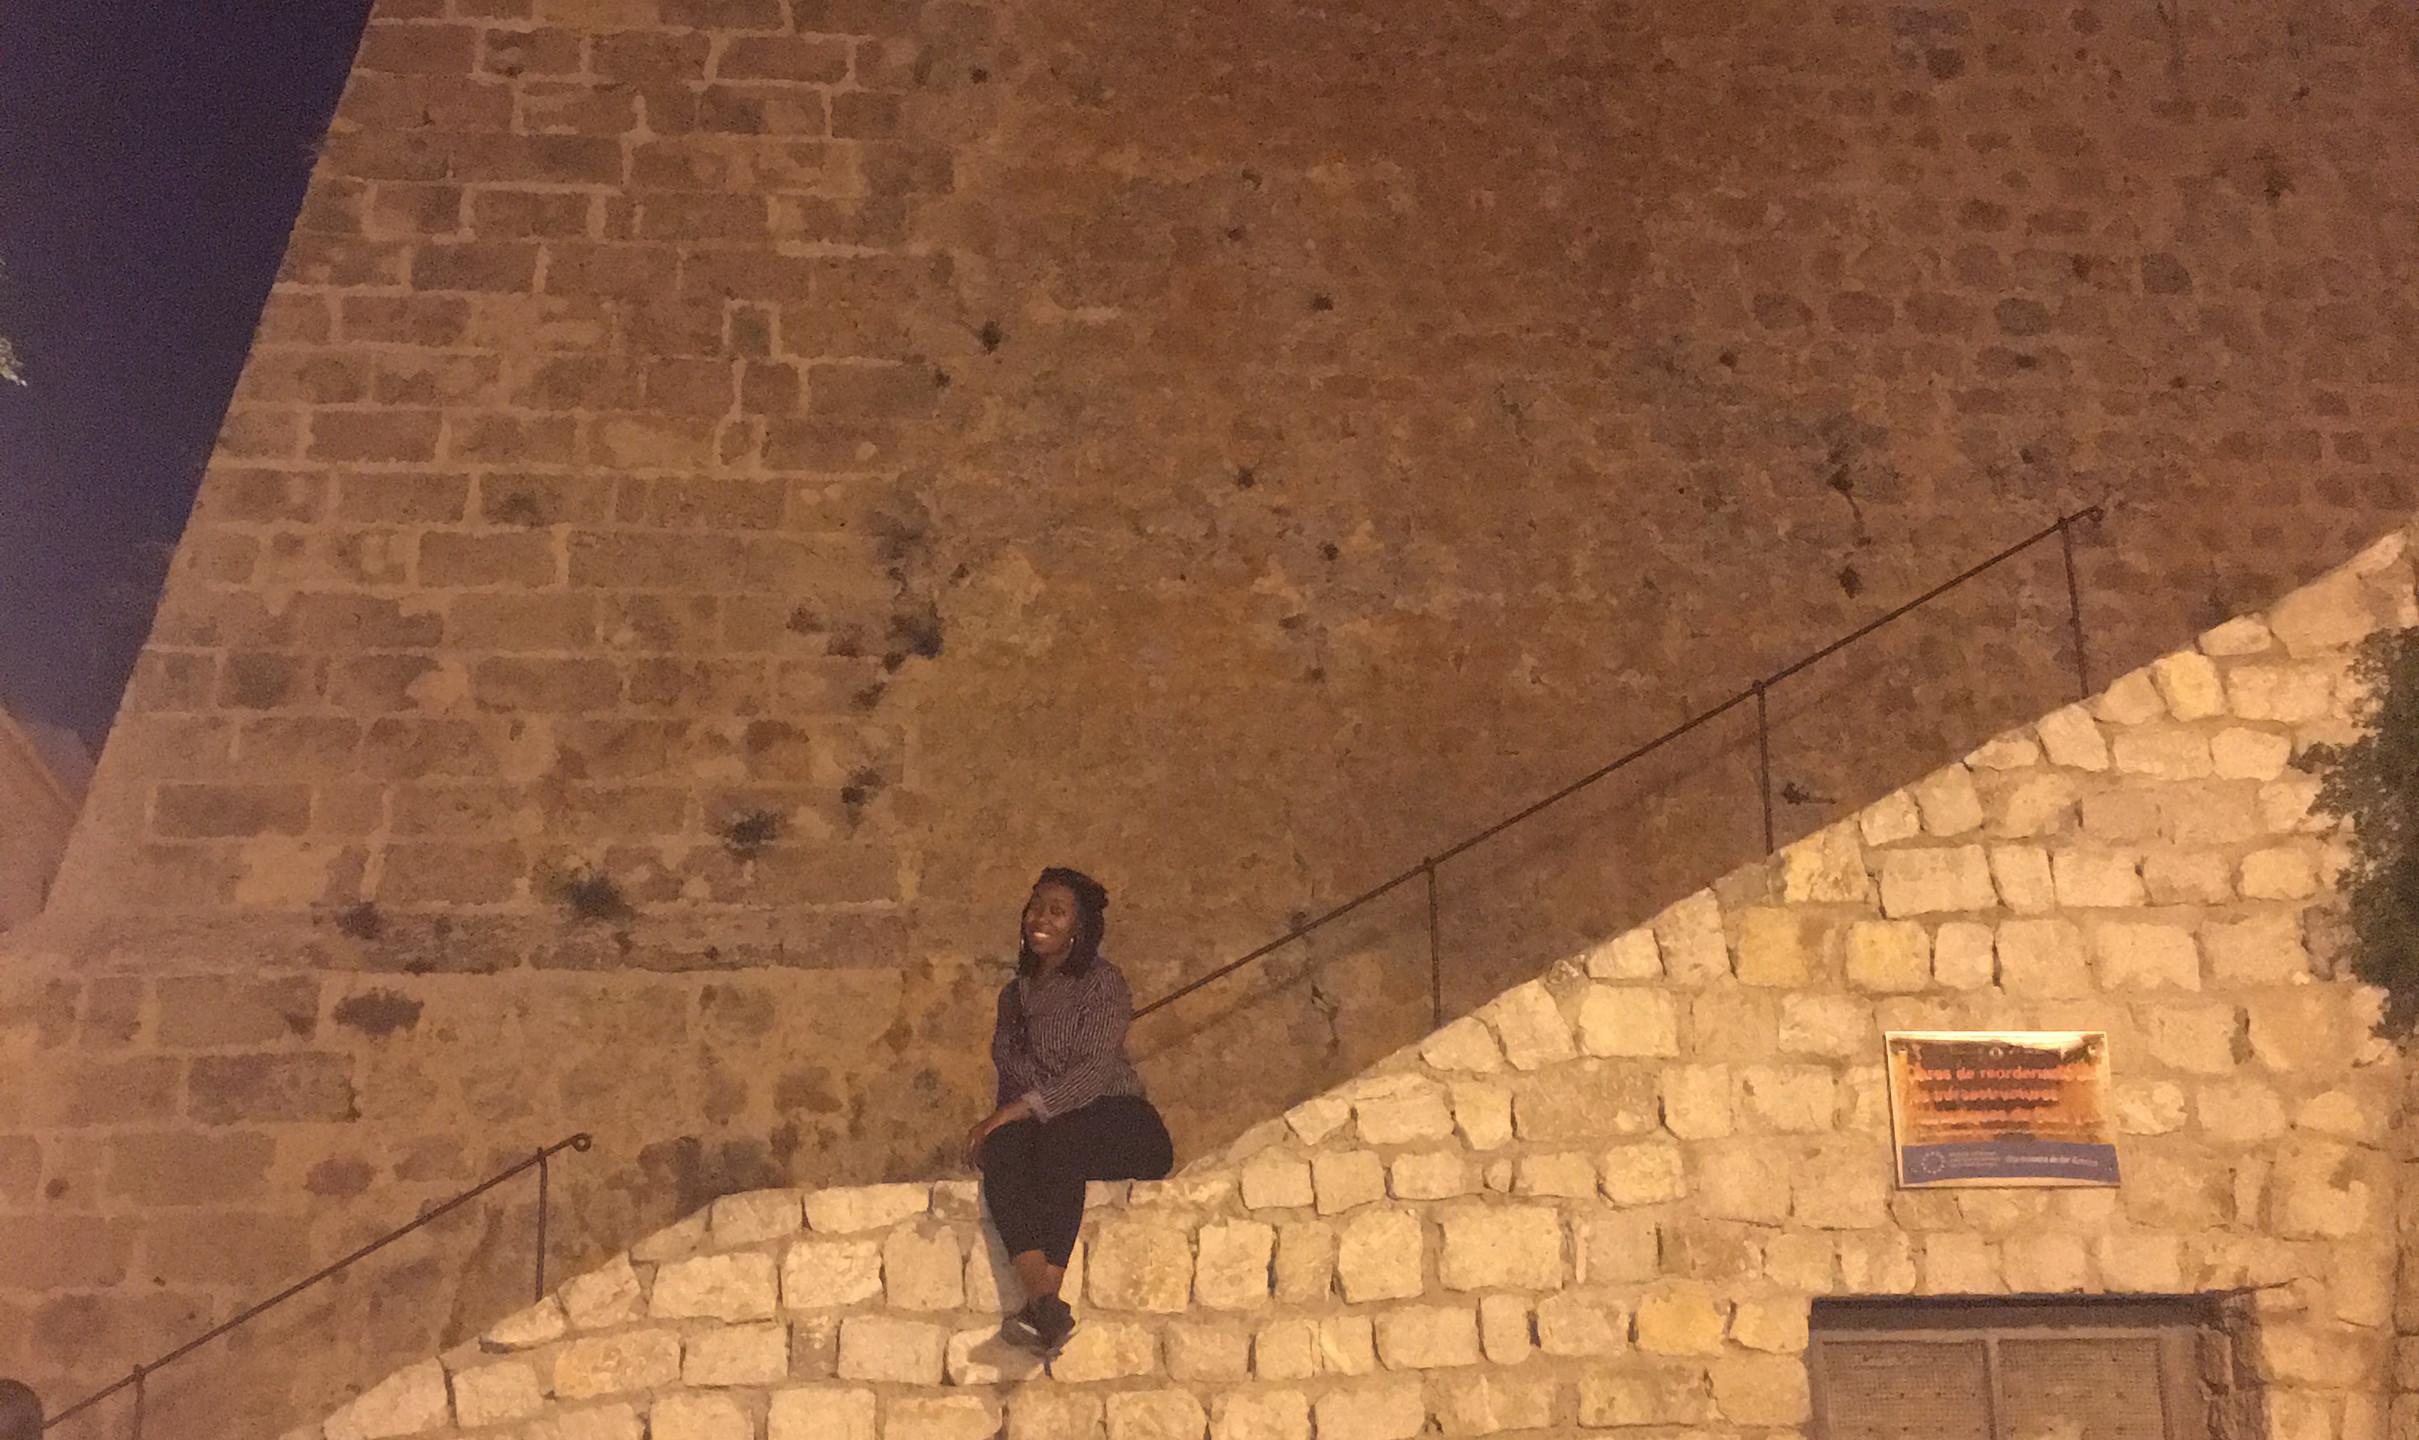 Yaa in Ibiza Town (Eivissa)